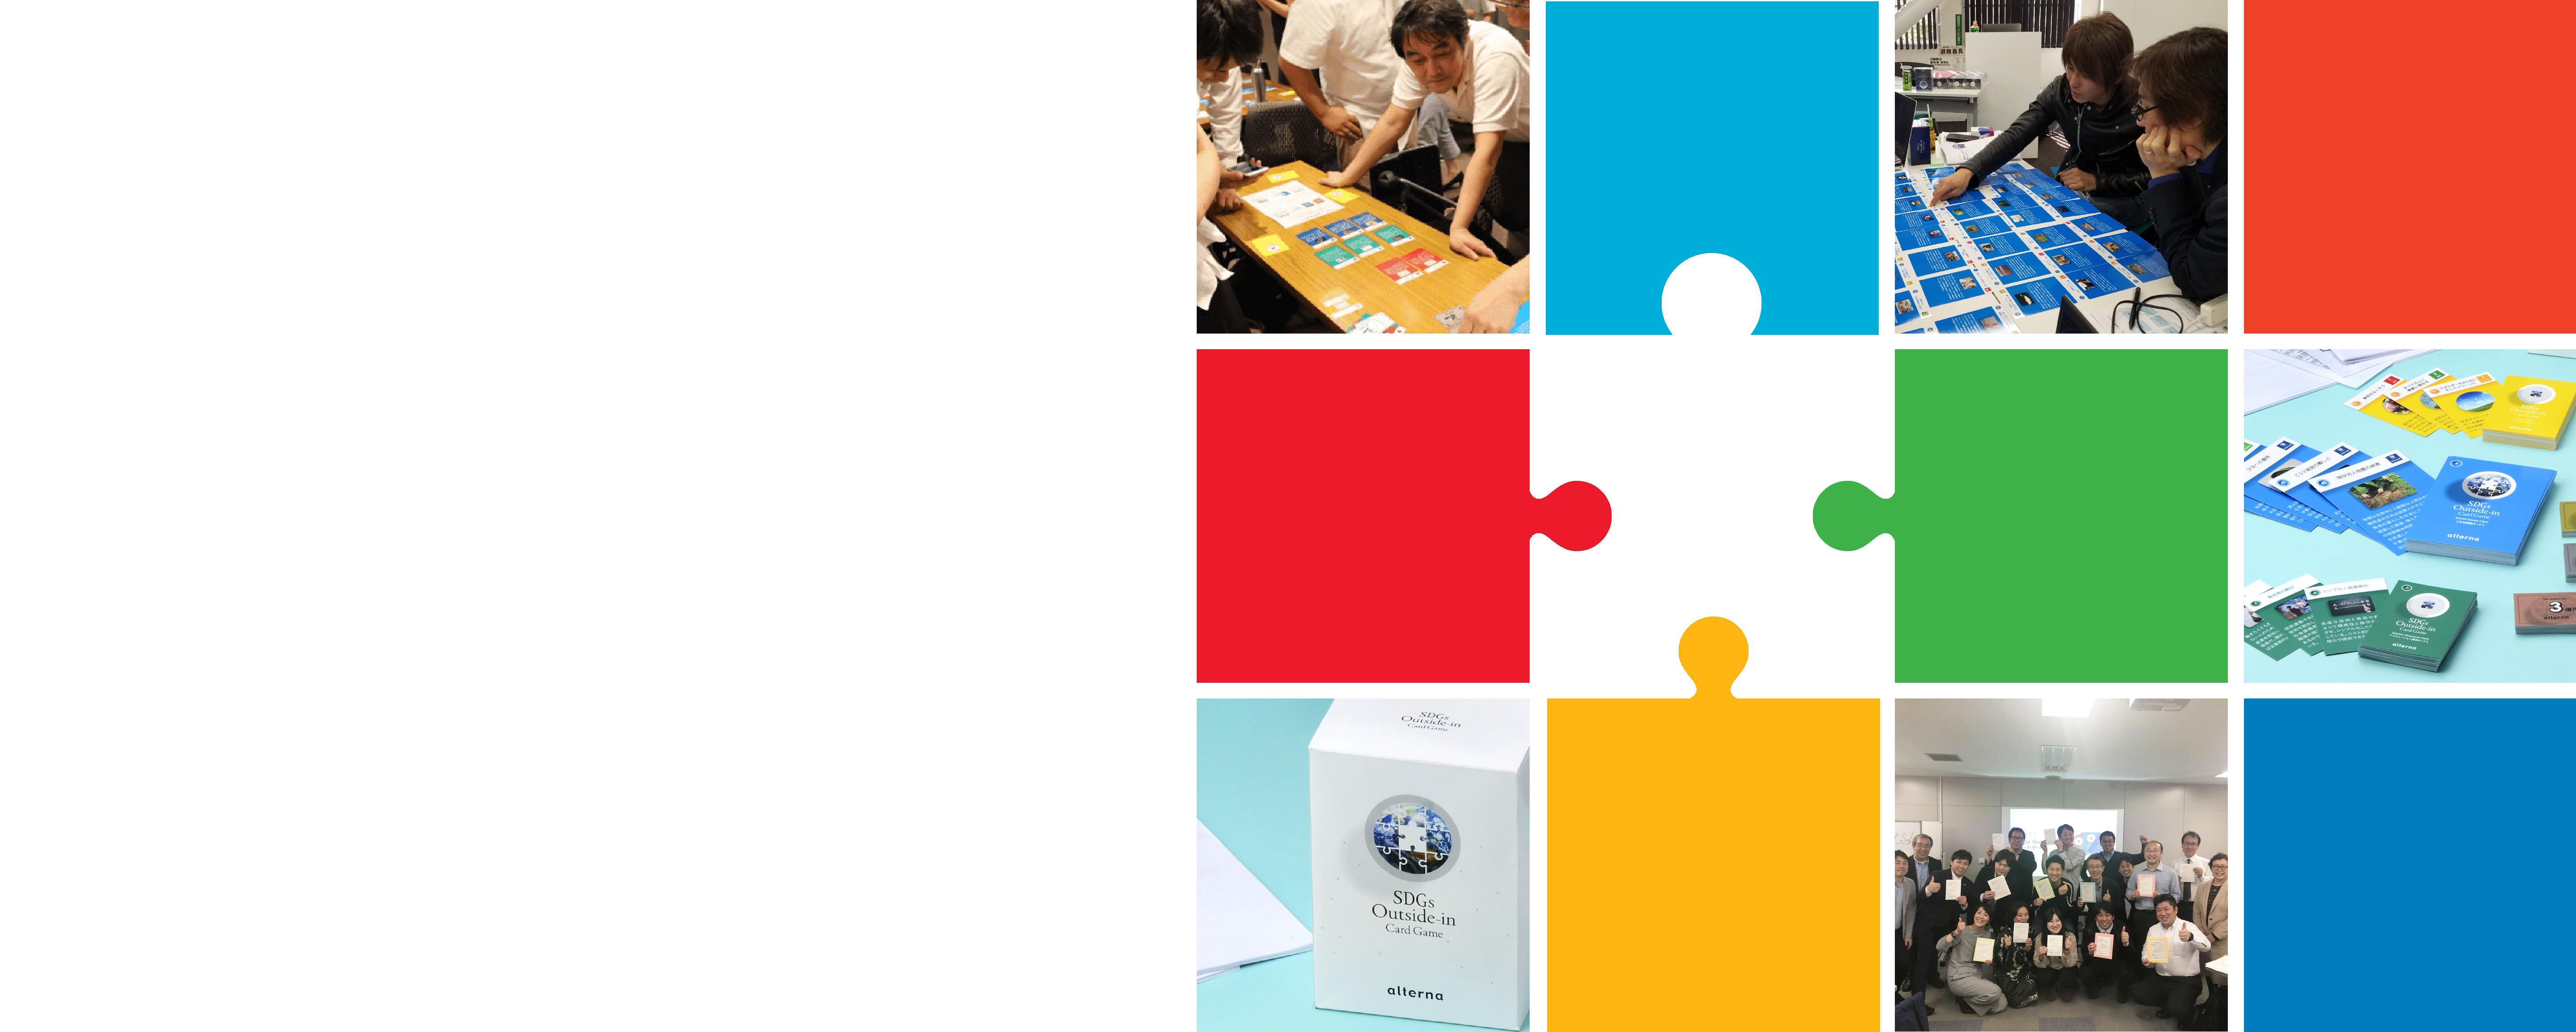 カードゲームの紹介・体験ワークショップ